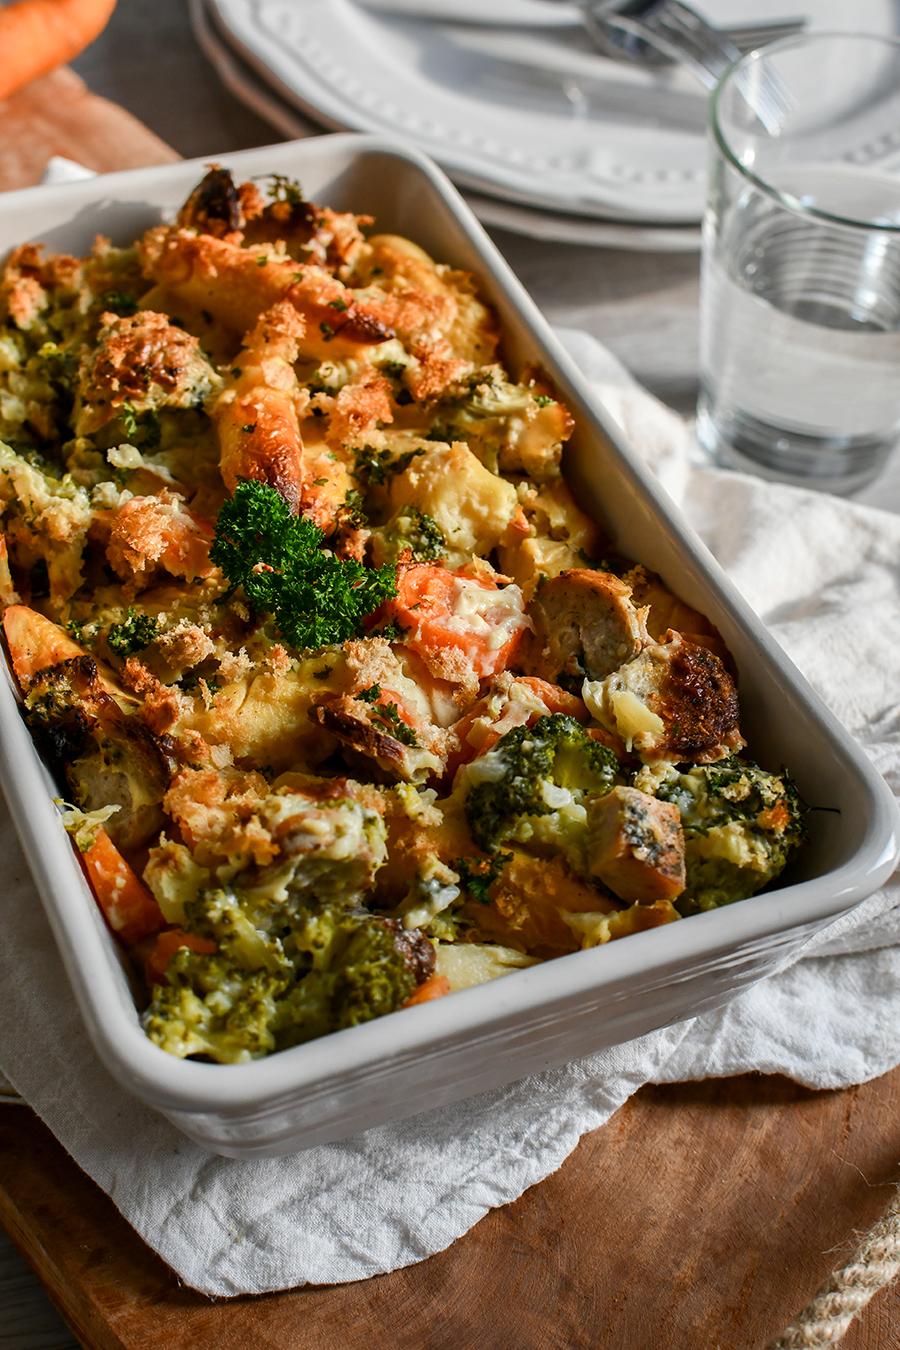 Nudel-Auflauf mit Gemüse und Würstchen in Käse-Sahnesoße